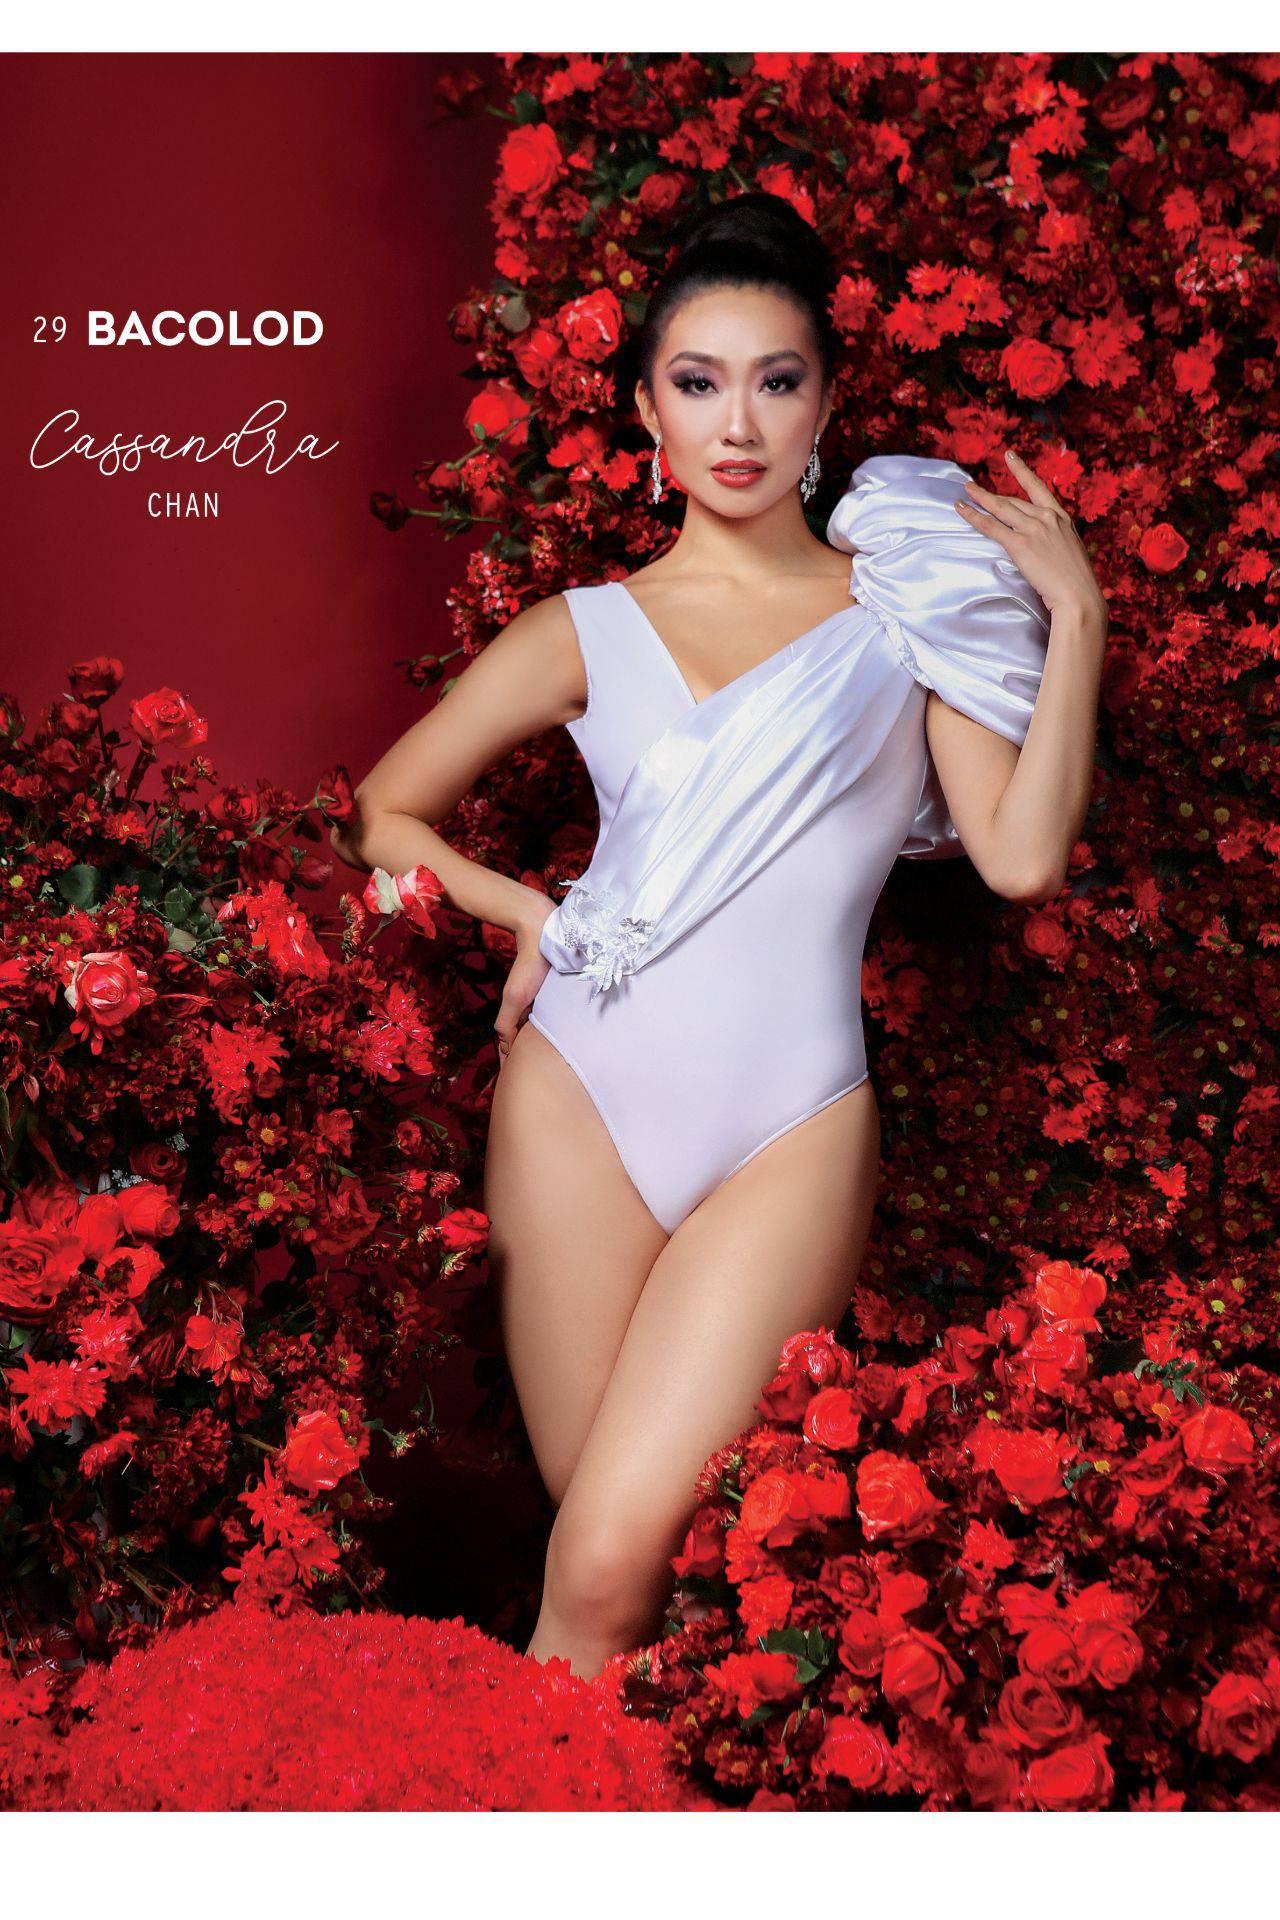 Cassandra Colleen Chan